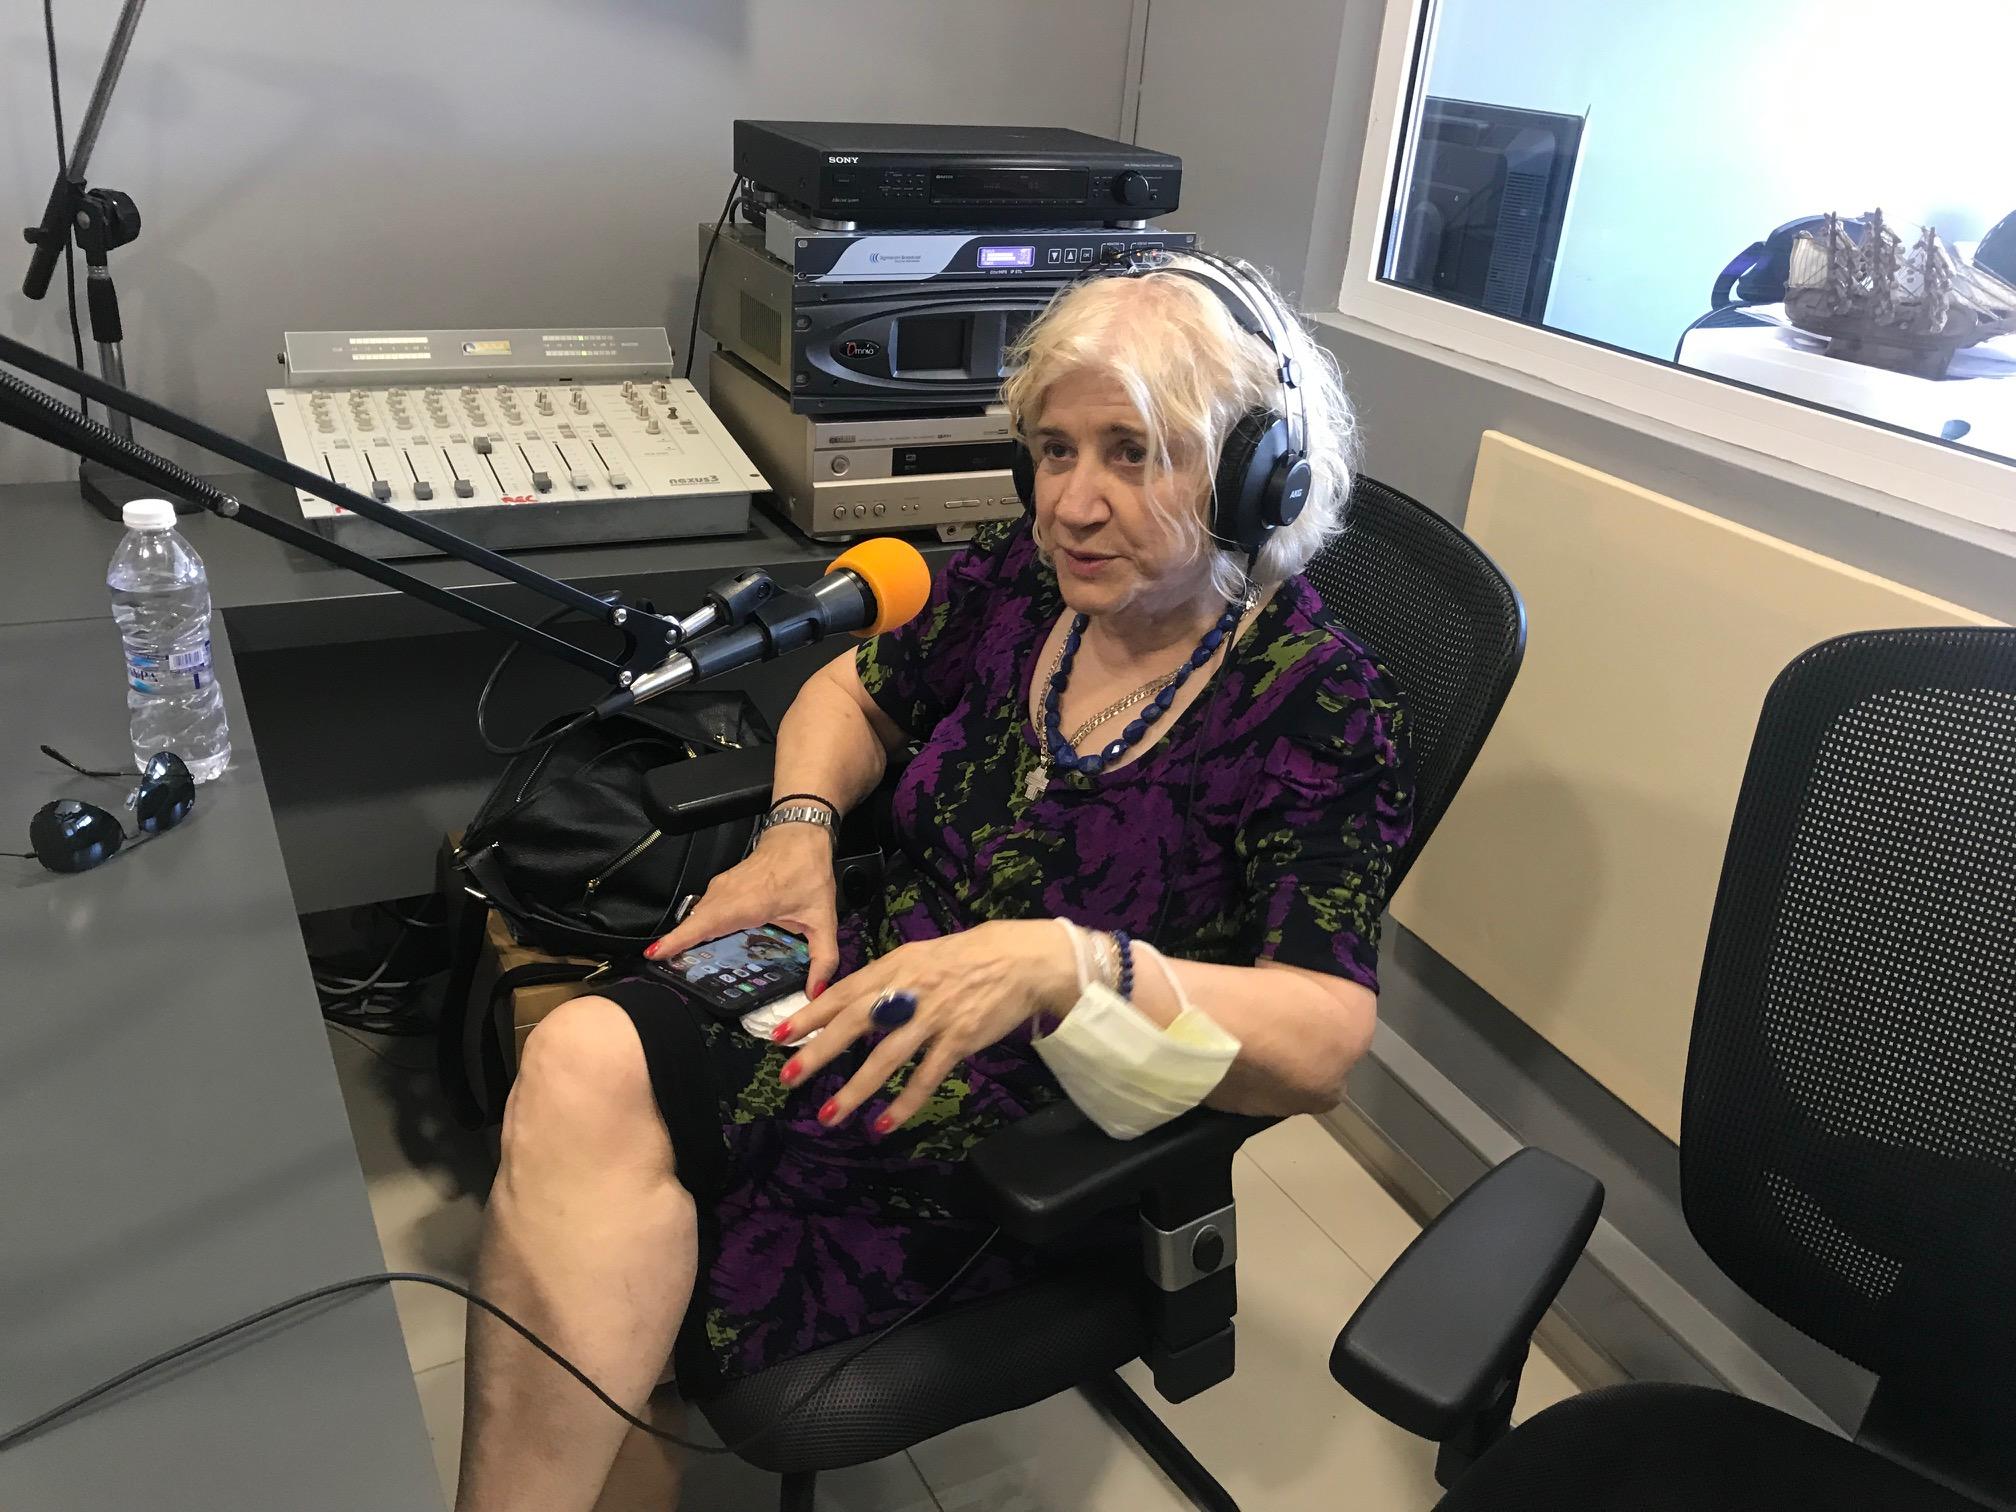 Η διεθνούς φήμης μελλοντολόγος Μαρία Παπαπέτρος μας επισκέφθηκε στον Υδρόγειο 106,9